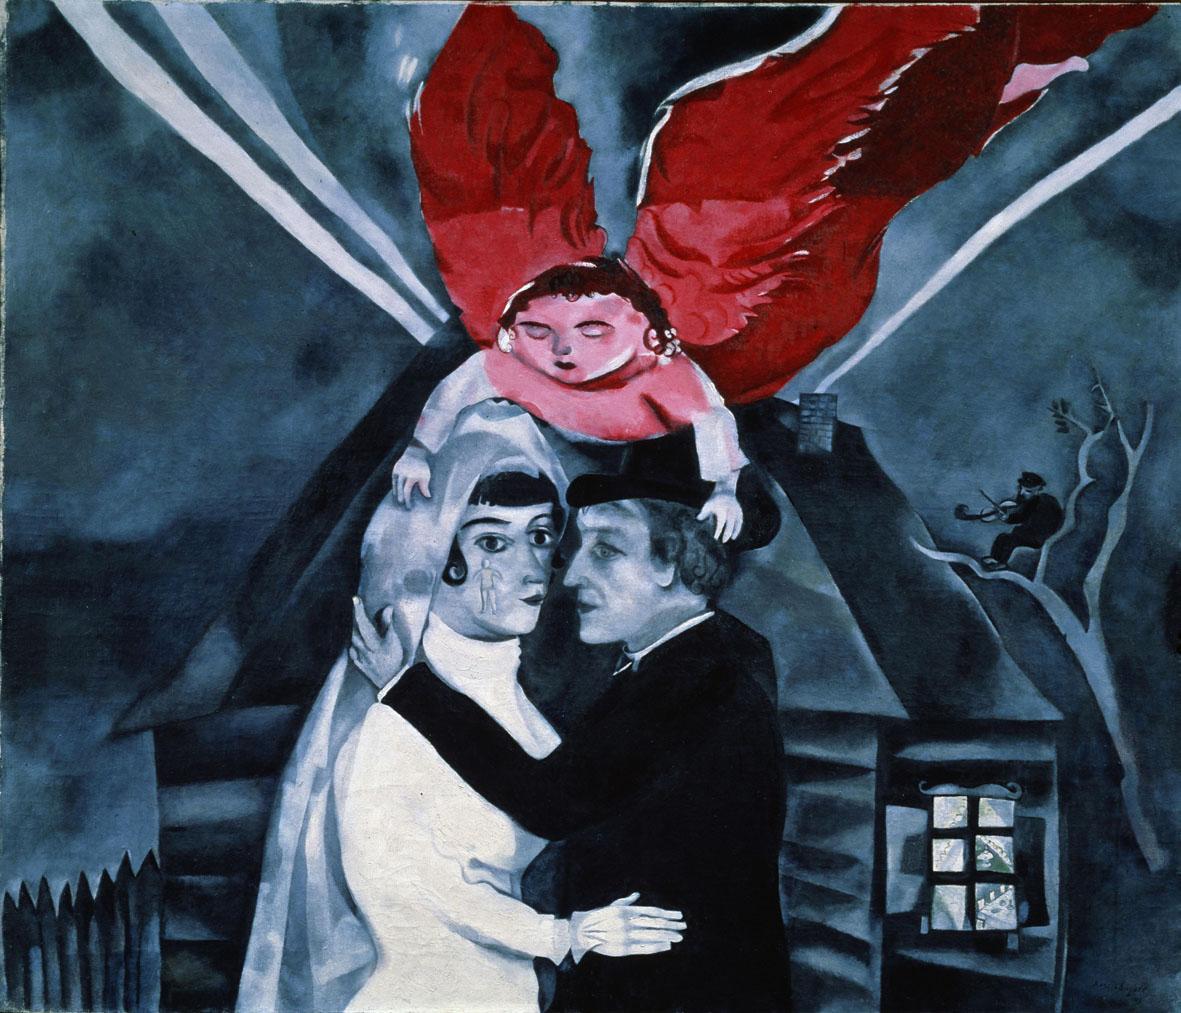 Marc Chagall, Il Matrimonio, 1918, Mosca, Tretyakov Gallery © Chagall ®, by SIAE 2019